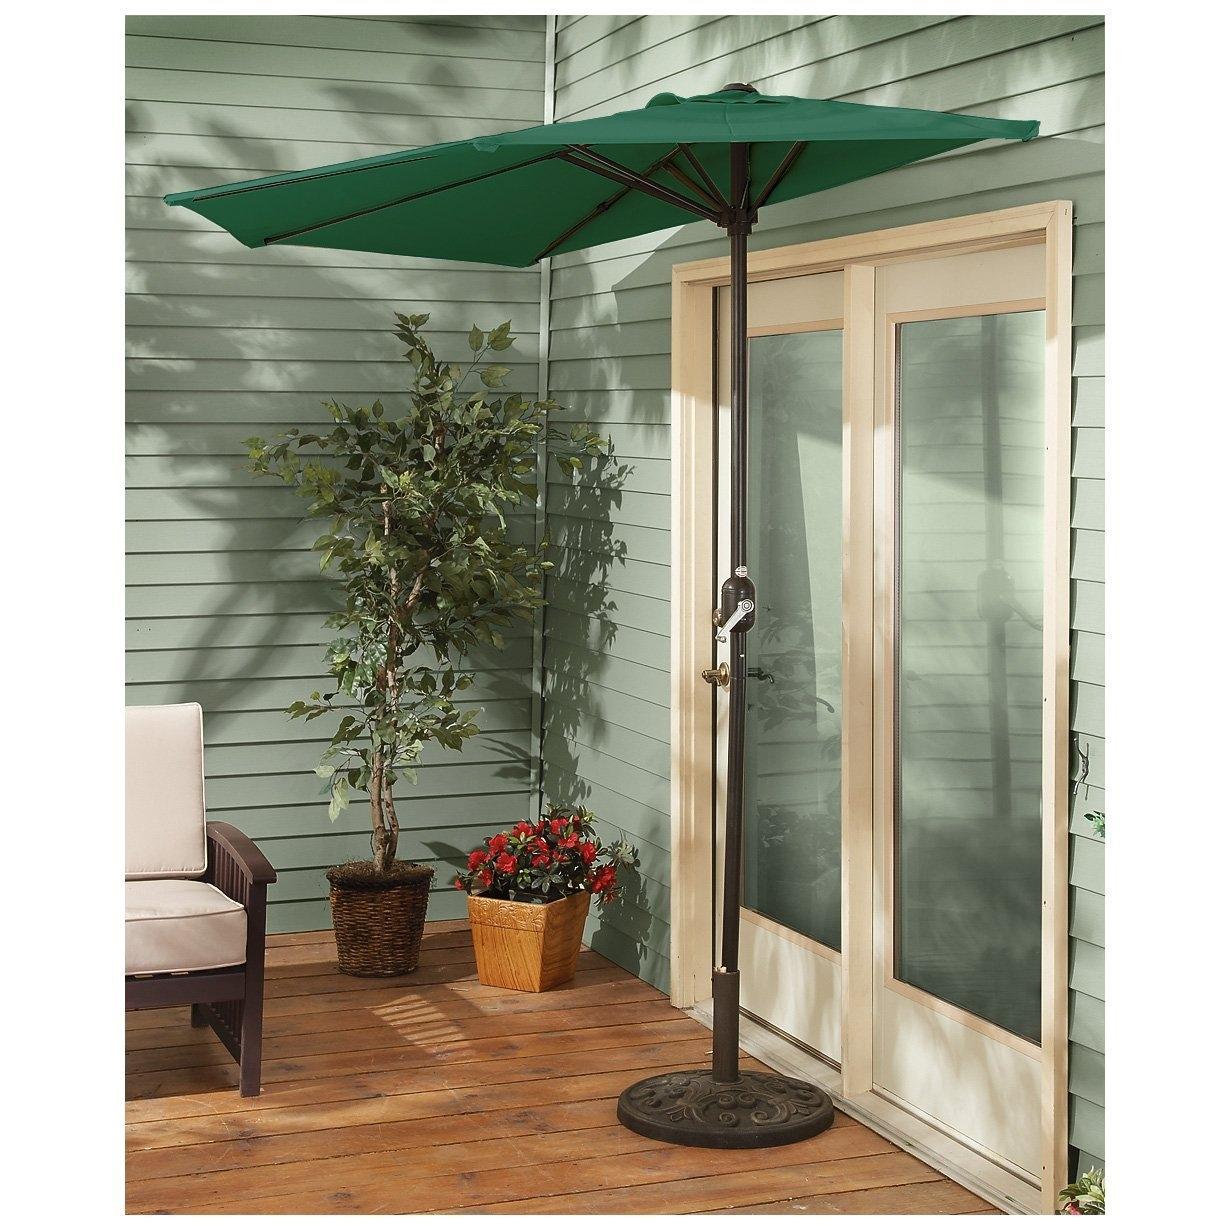 Casa immobiliare accessori ombrelloni da terrazzo for Ikea ombrelloni terrazzo